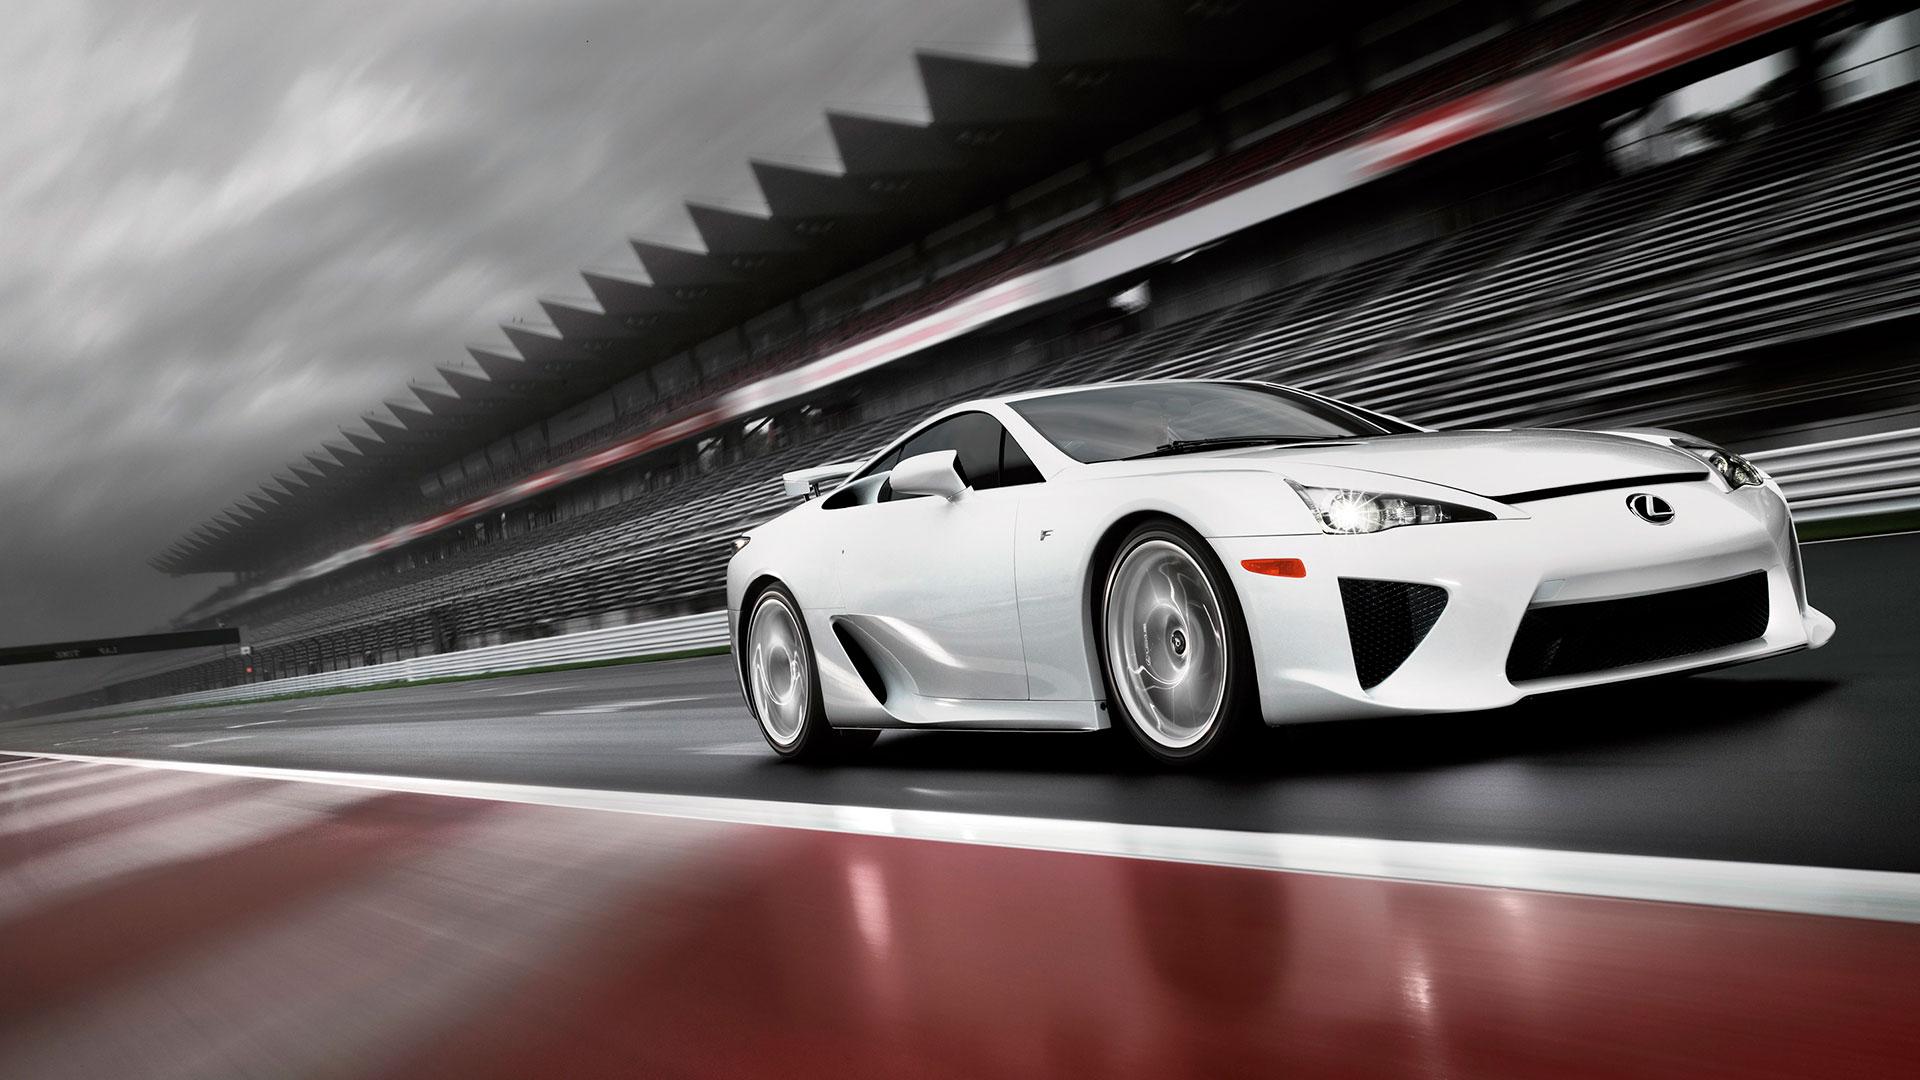 Una carrera con 20 Lexus LFA hero asset